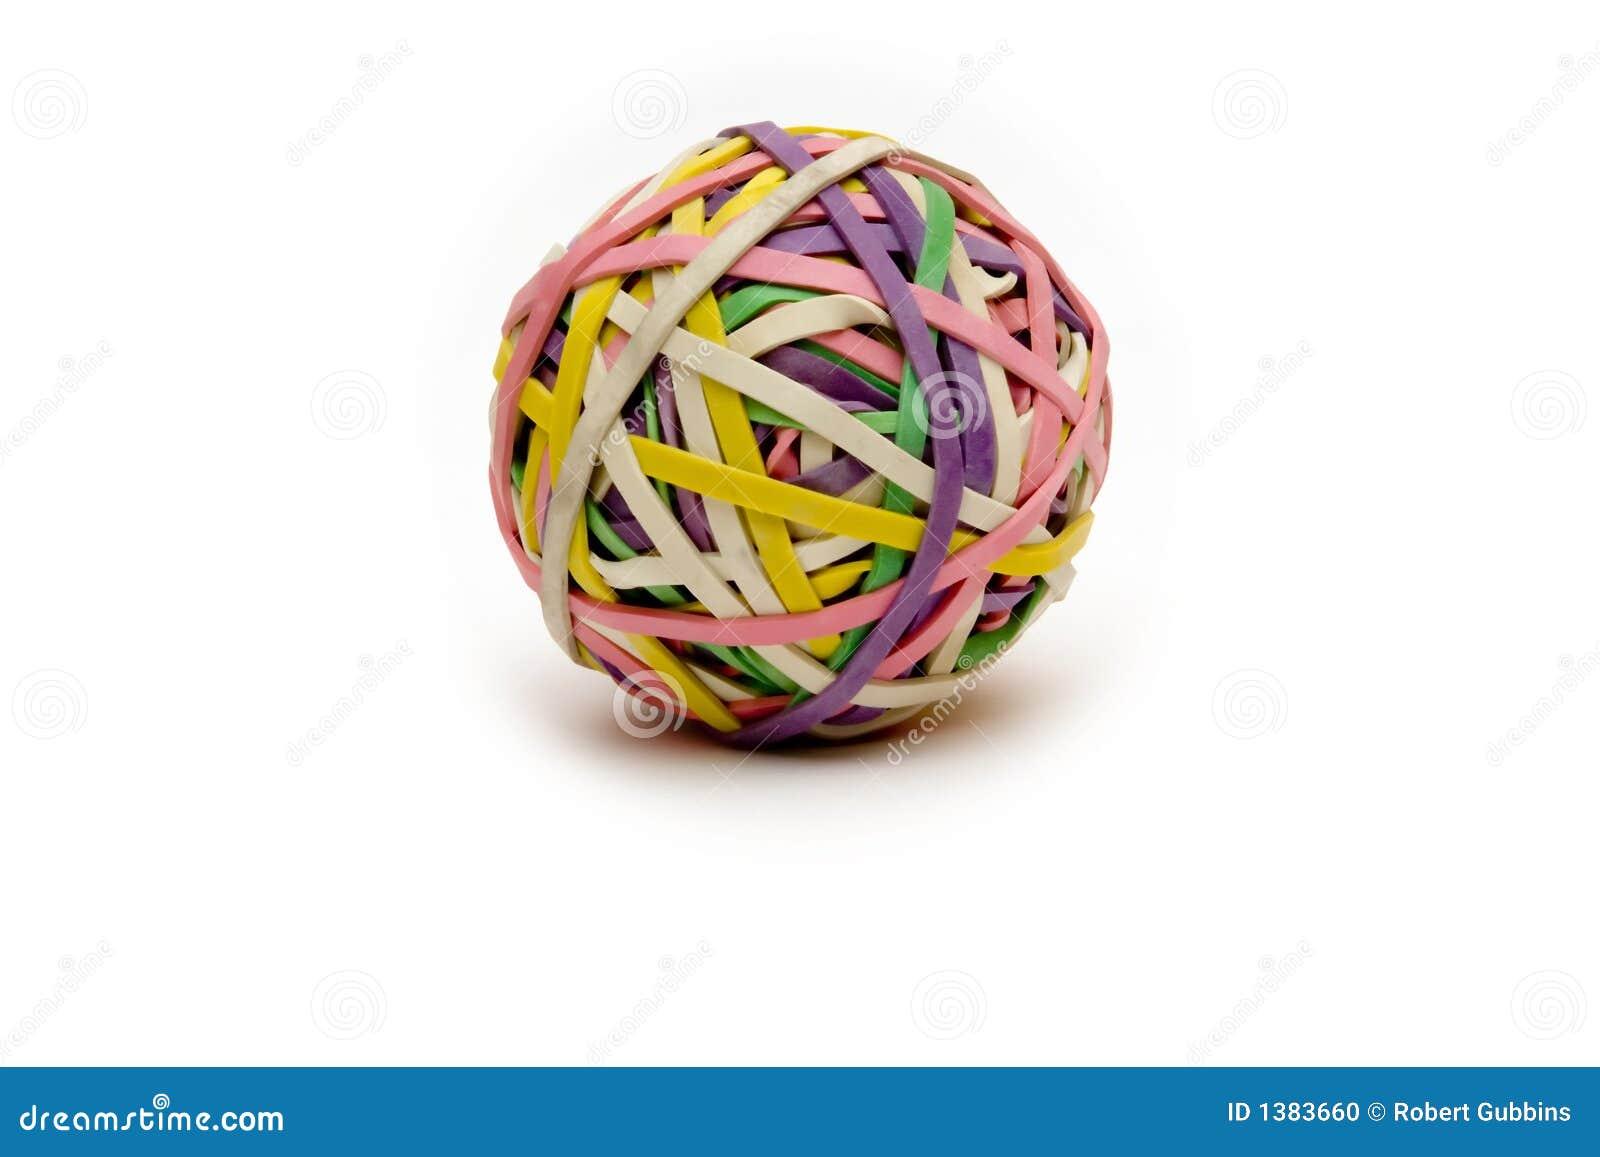 De bal van Rubberband